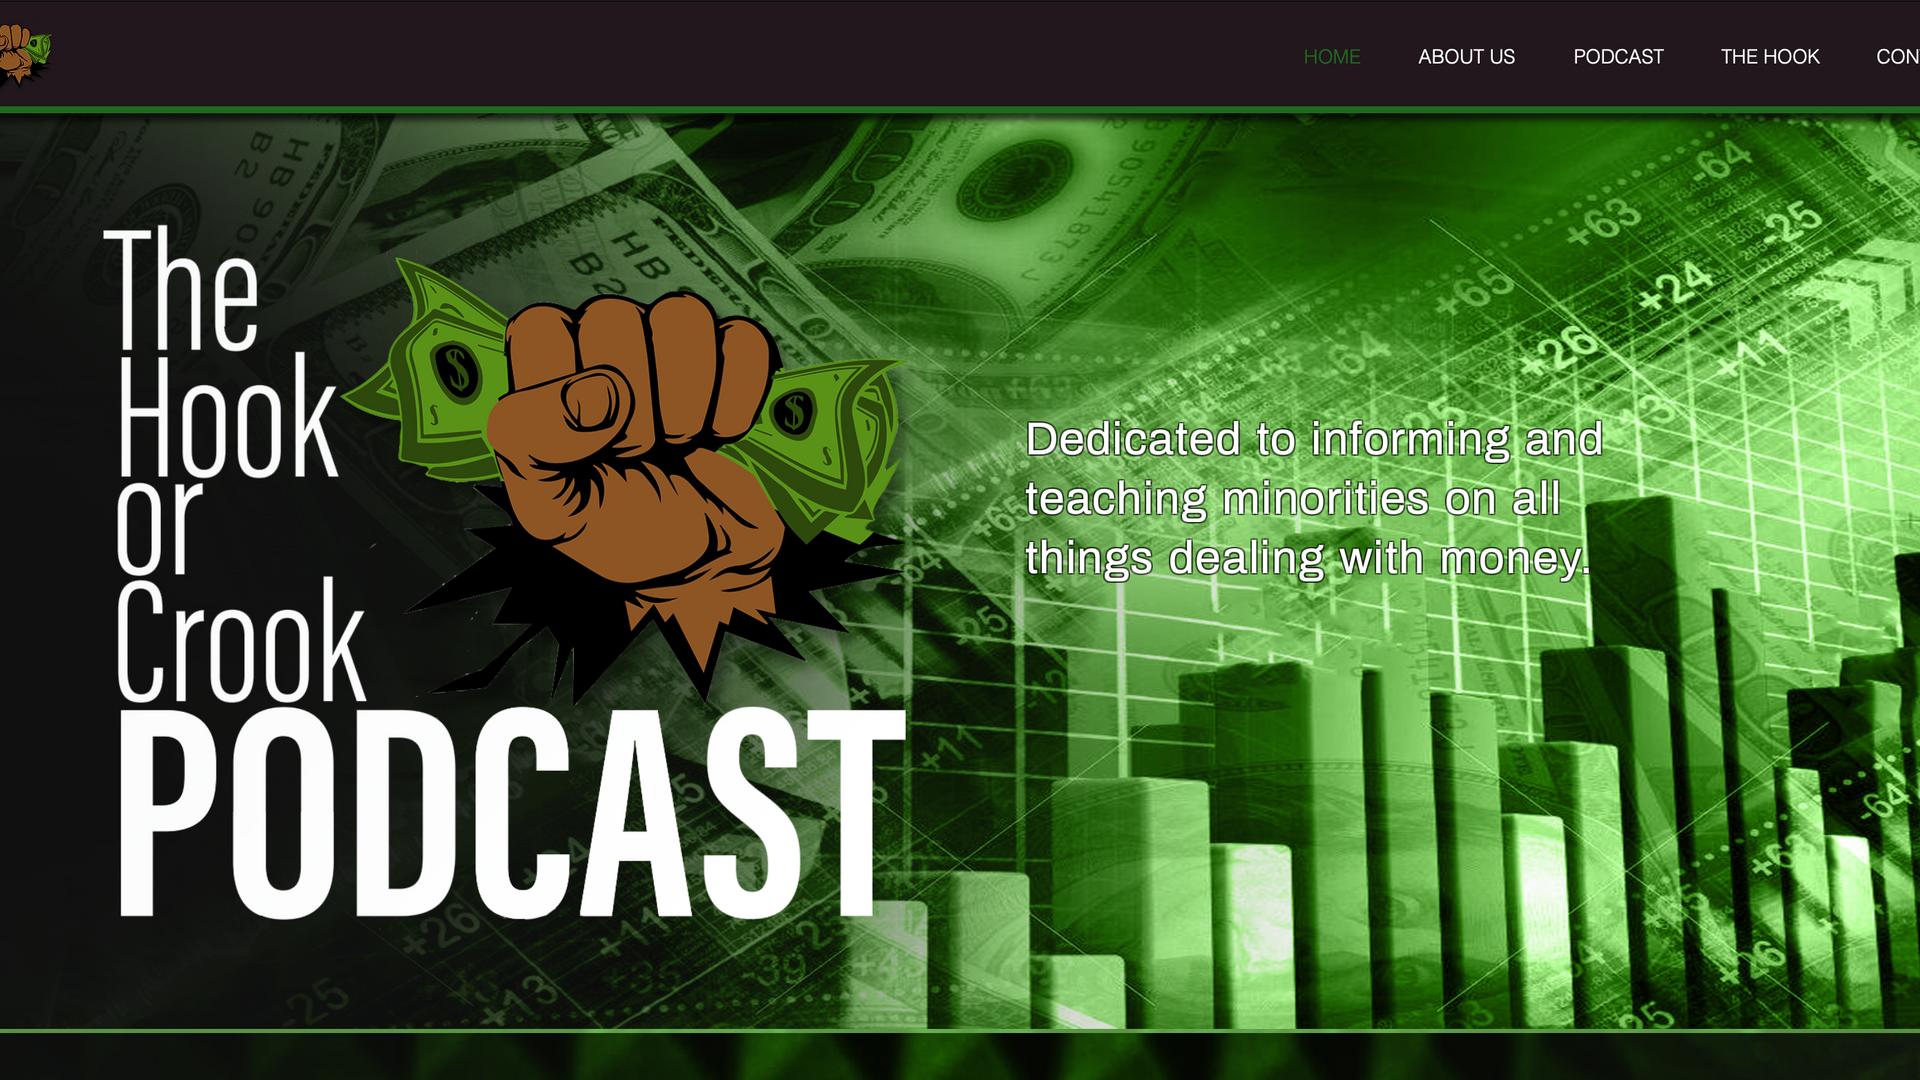 The Hook or Crook website design.